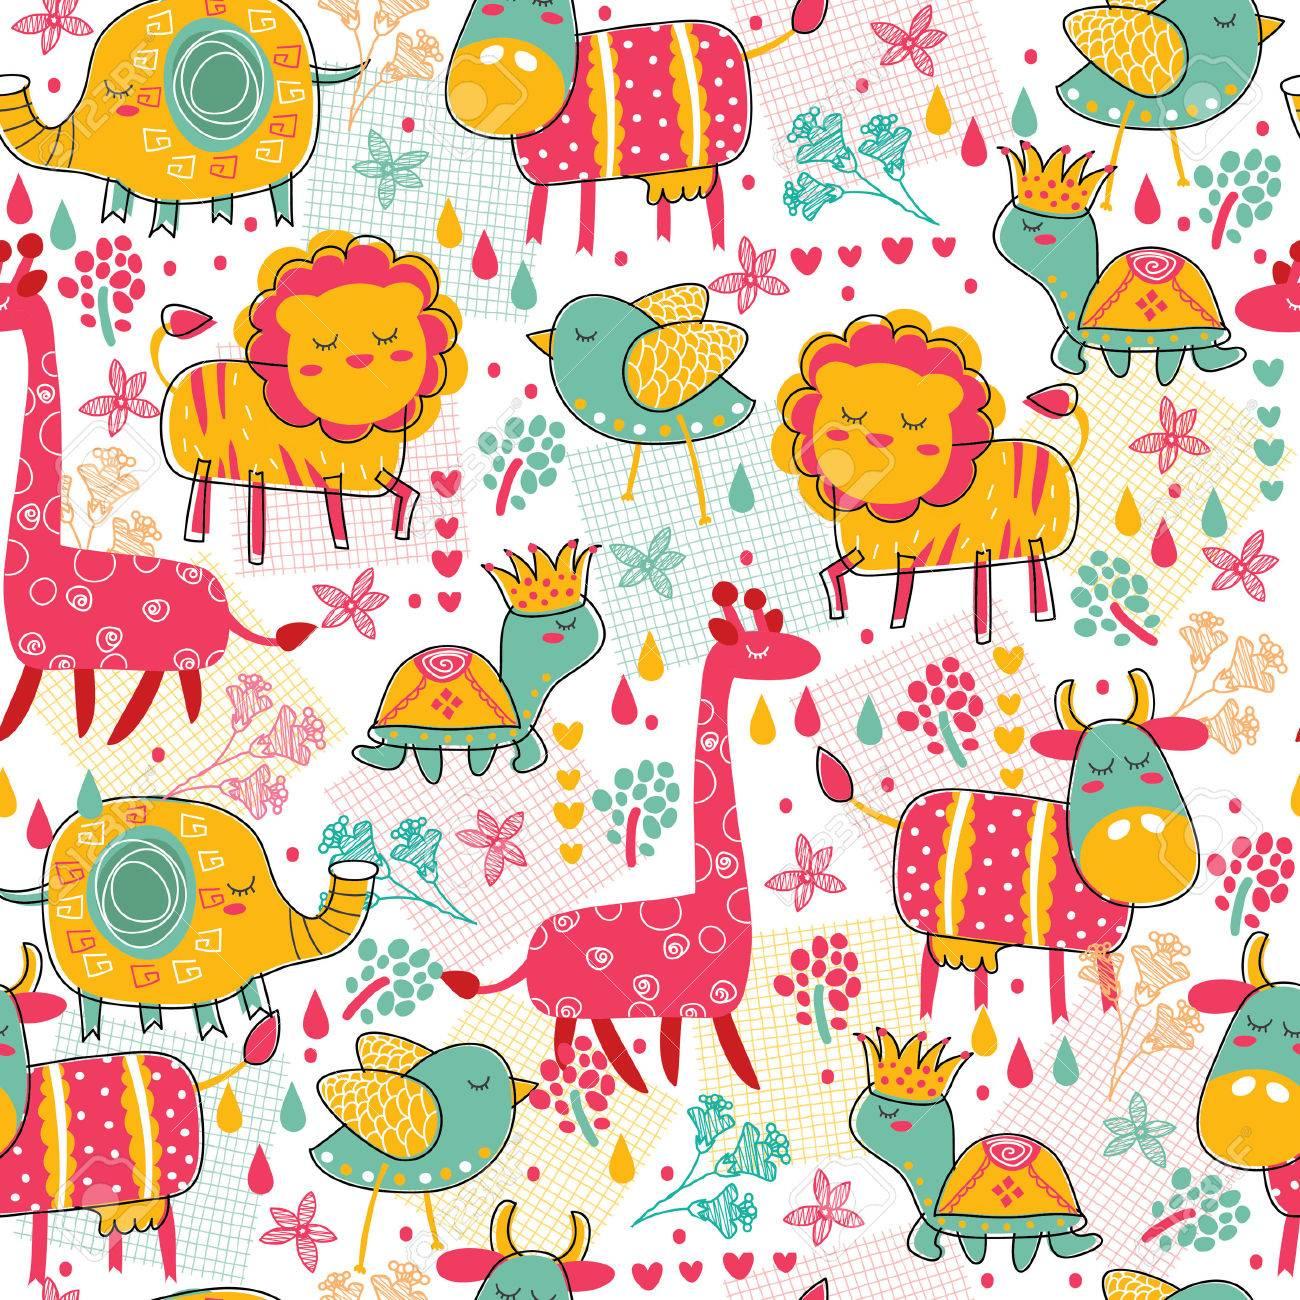 野生動物のシームレスな壁紙イラスト ロイヤリティフリークリップアート